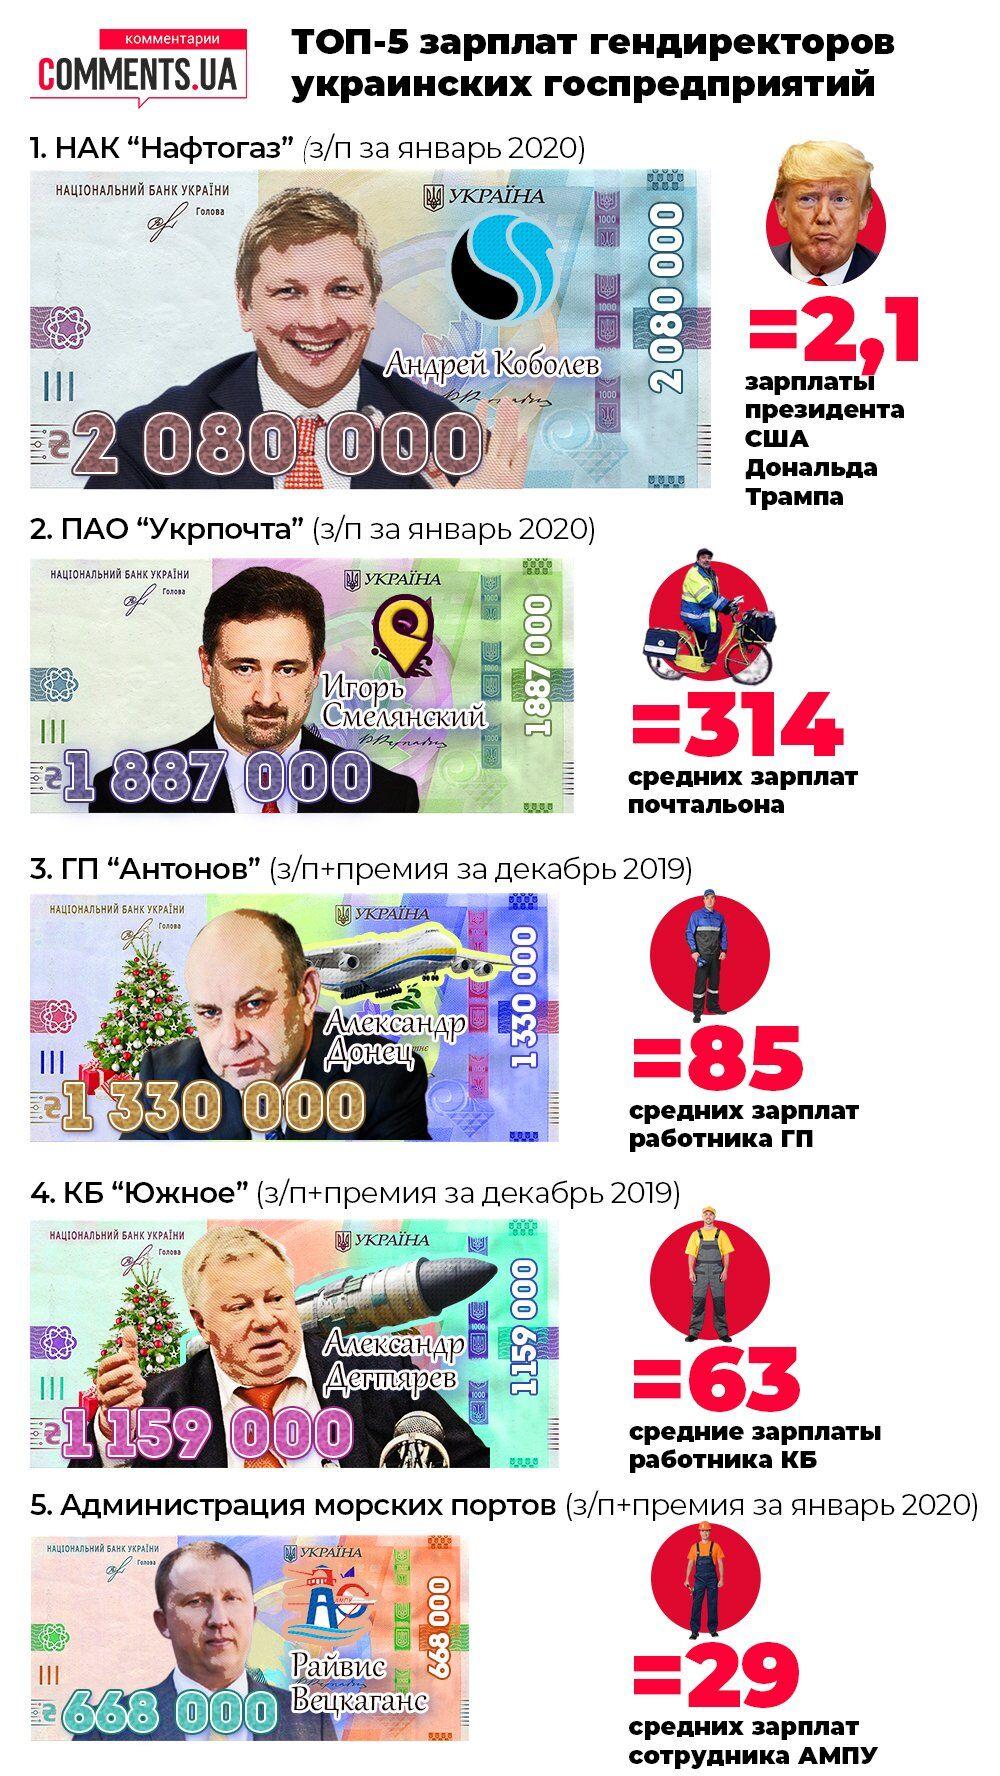 ТОП-5 зарплат гендиректоров украинских государственных предприятий